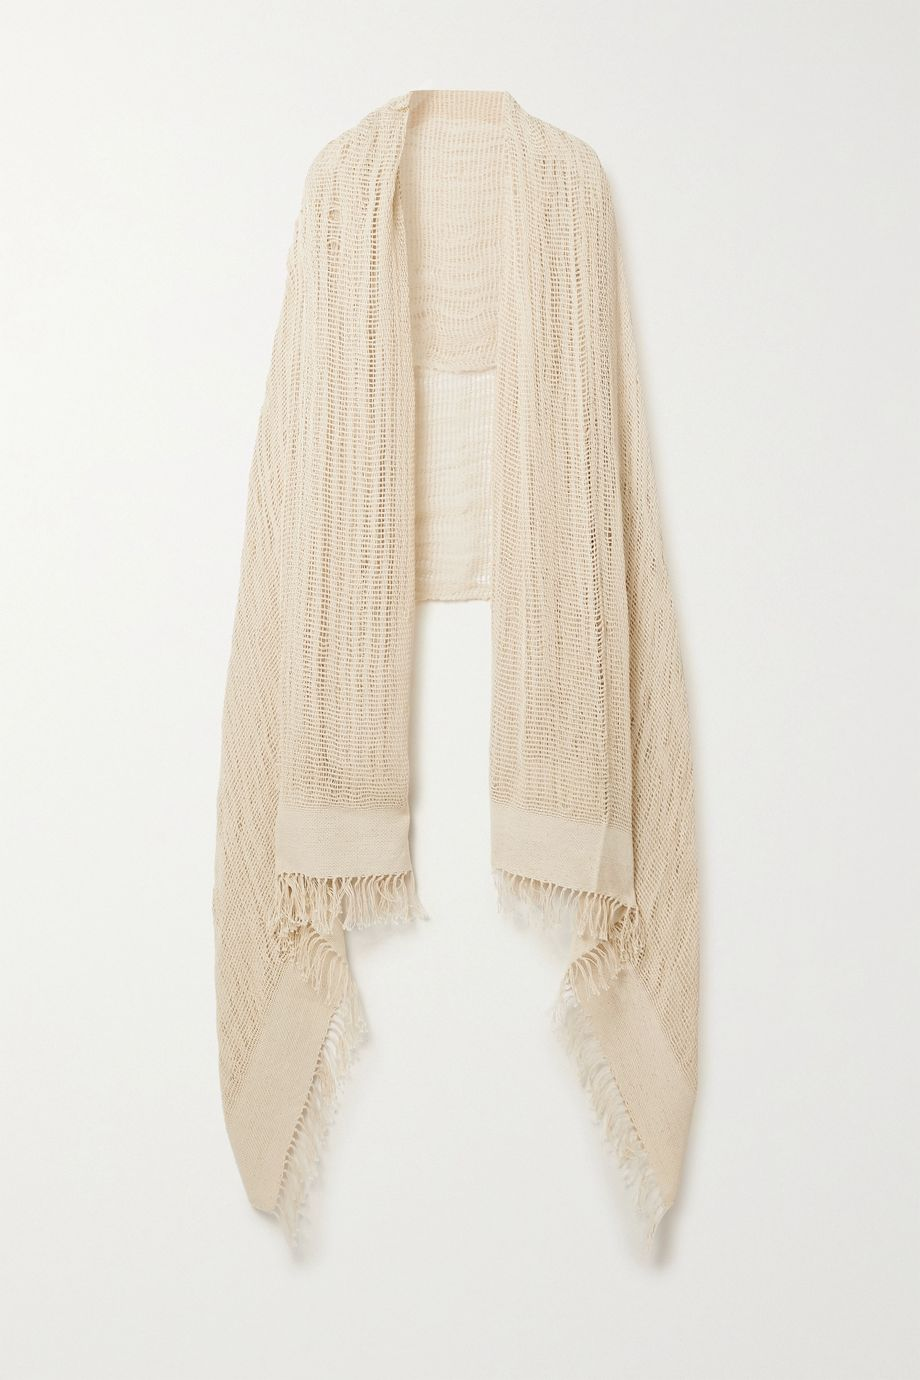 Miguelina Sekai fringed crocheted cotton shawl